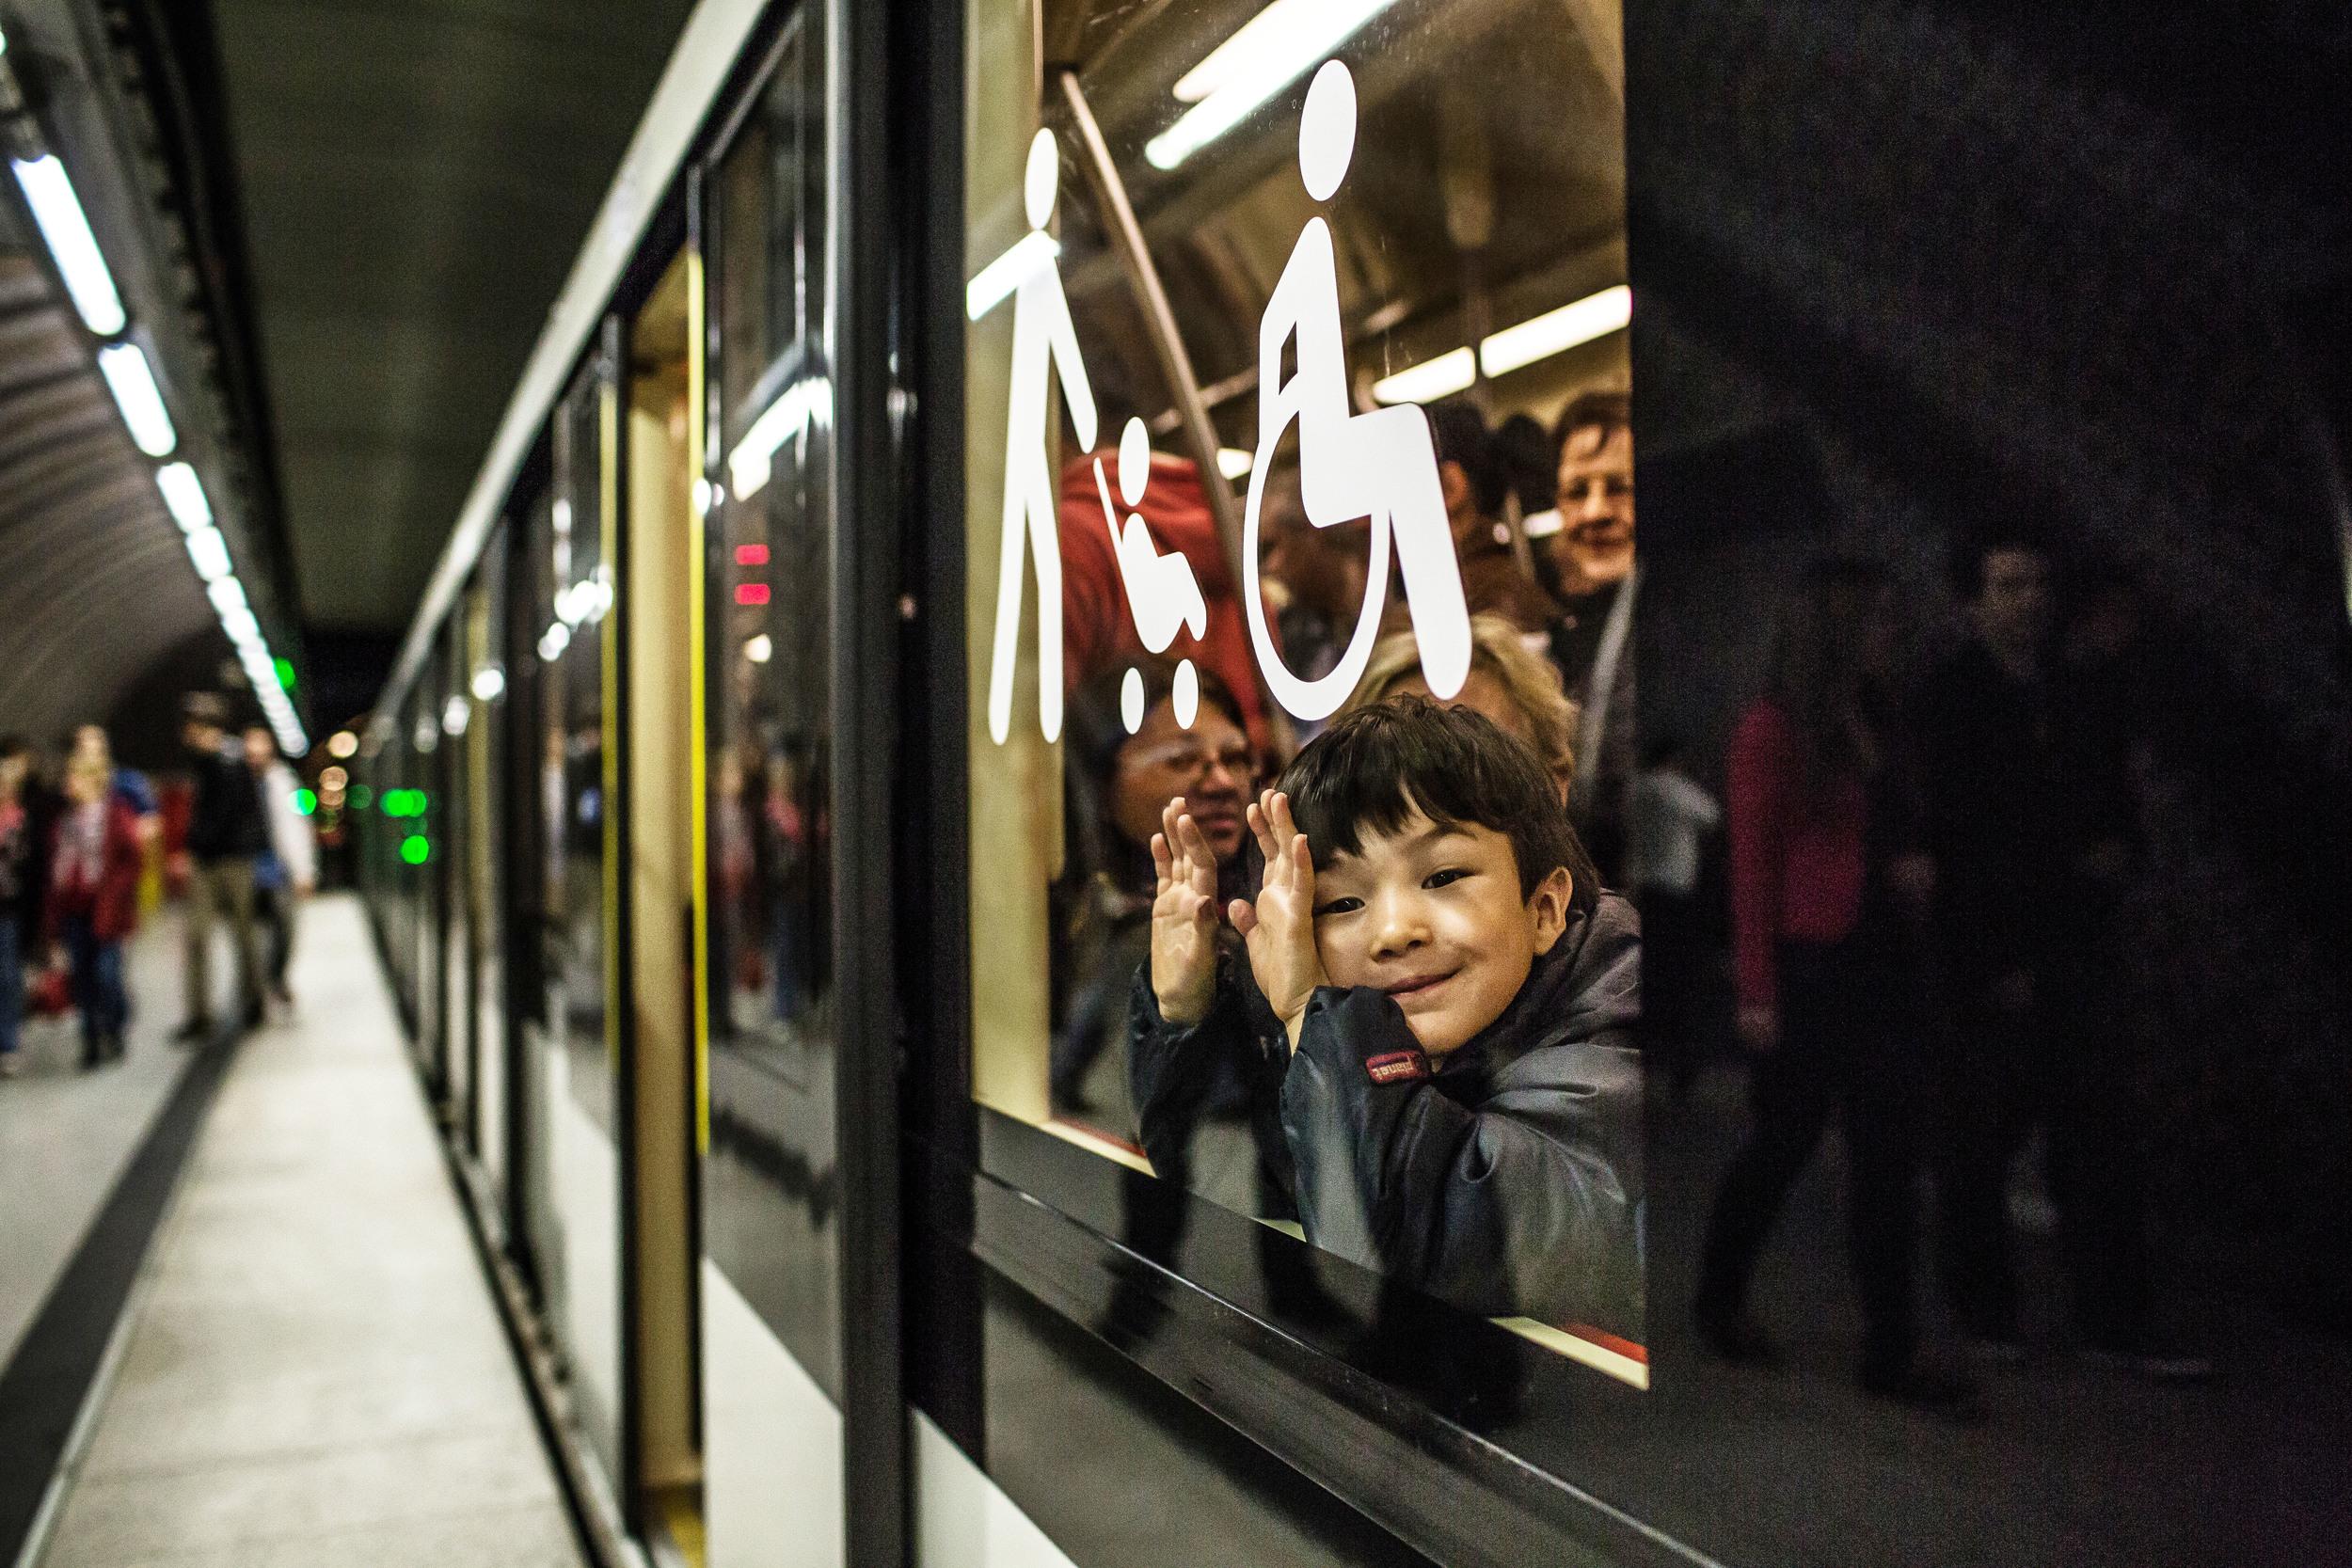 Két taktika alapján utaznak az emberek a metrón. Van, aki célirányosan metrózik A pontból a B-be, sokan azonban minden megállónál leszállnak, hogy körülnézhessenek.